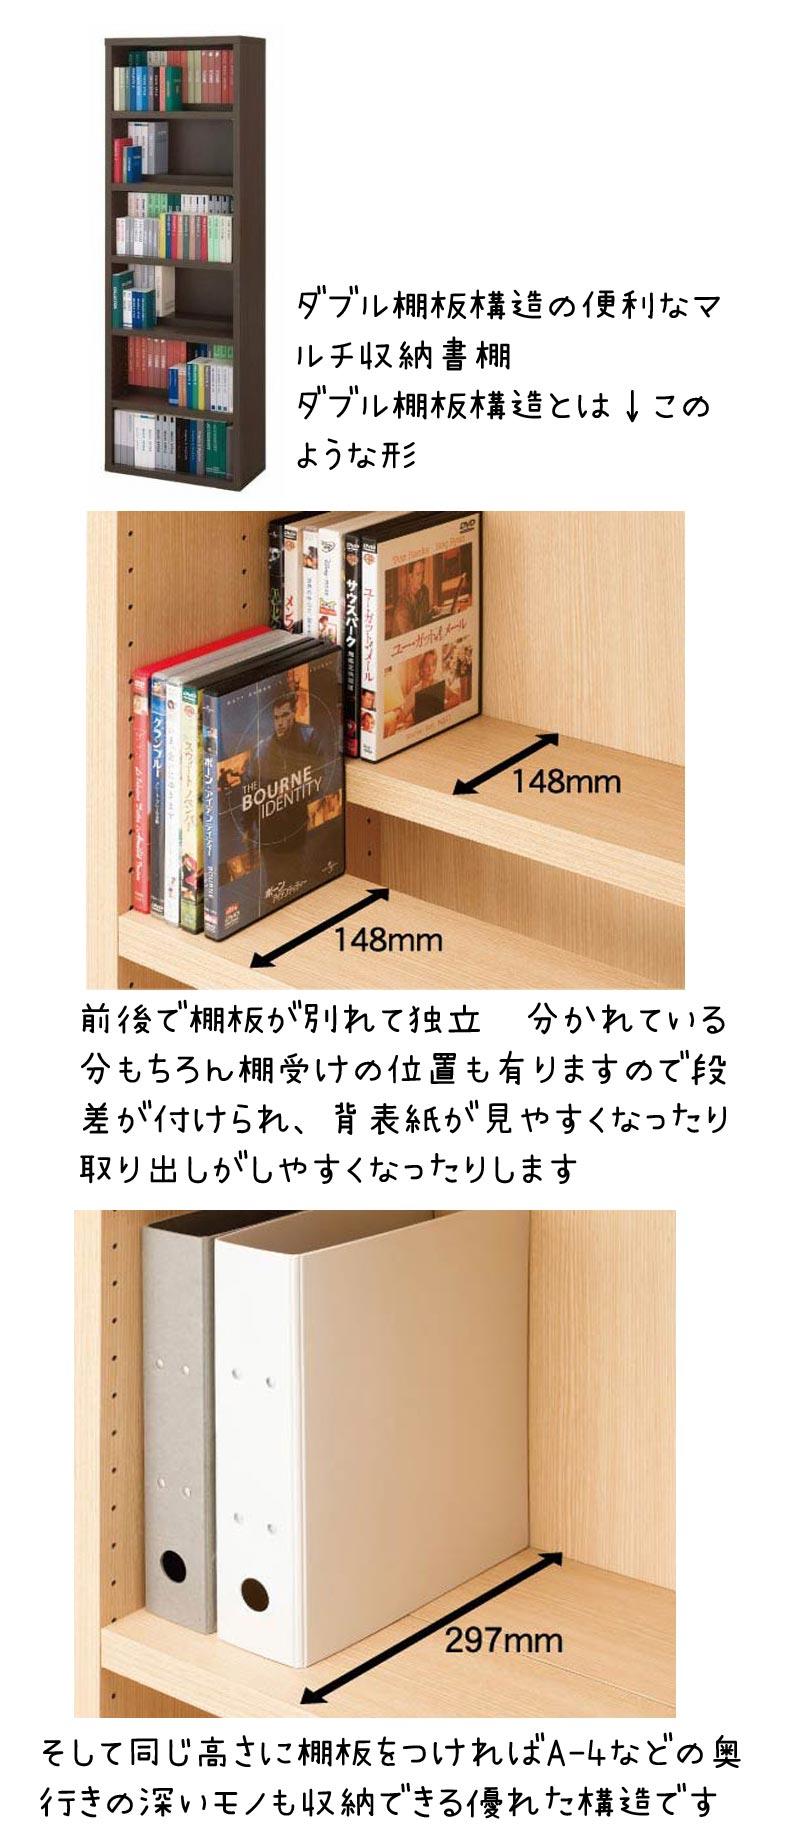 超収納力書棚